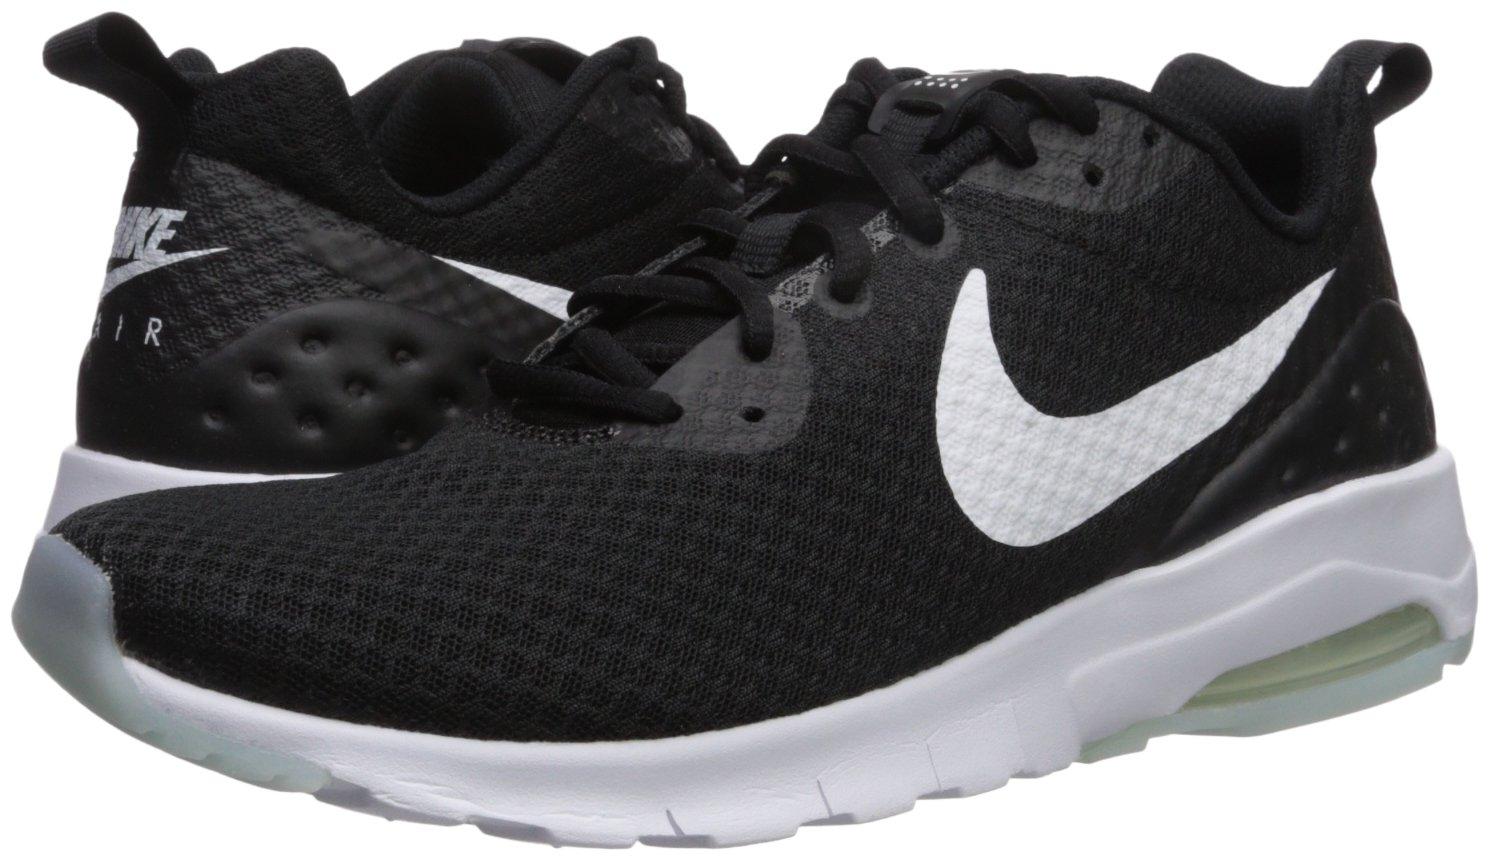 NIKE Women's Air Max Motion LW Running Shoes B0145Y5X6W 10.5 B(M) US|Black/White